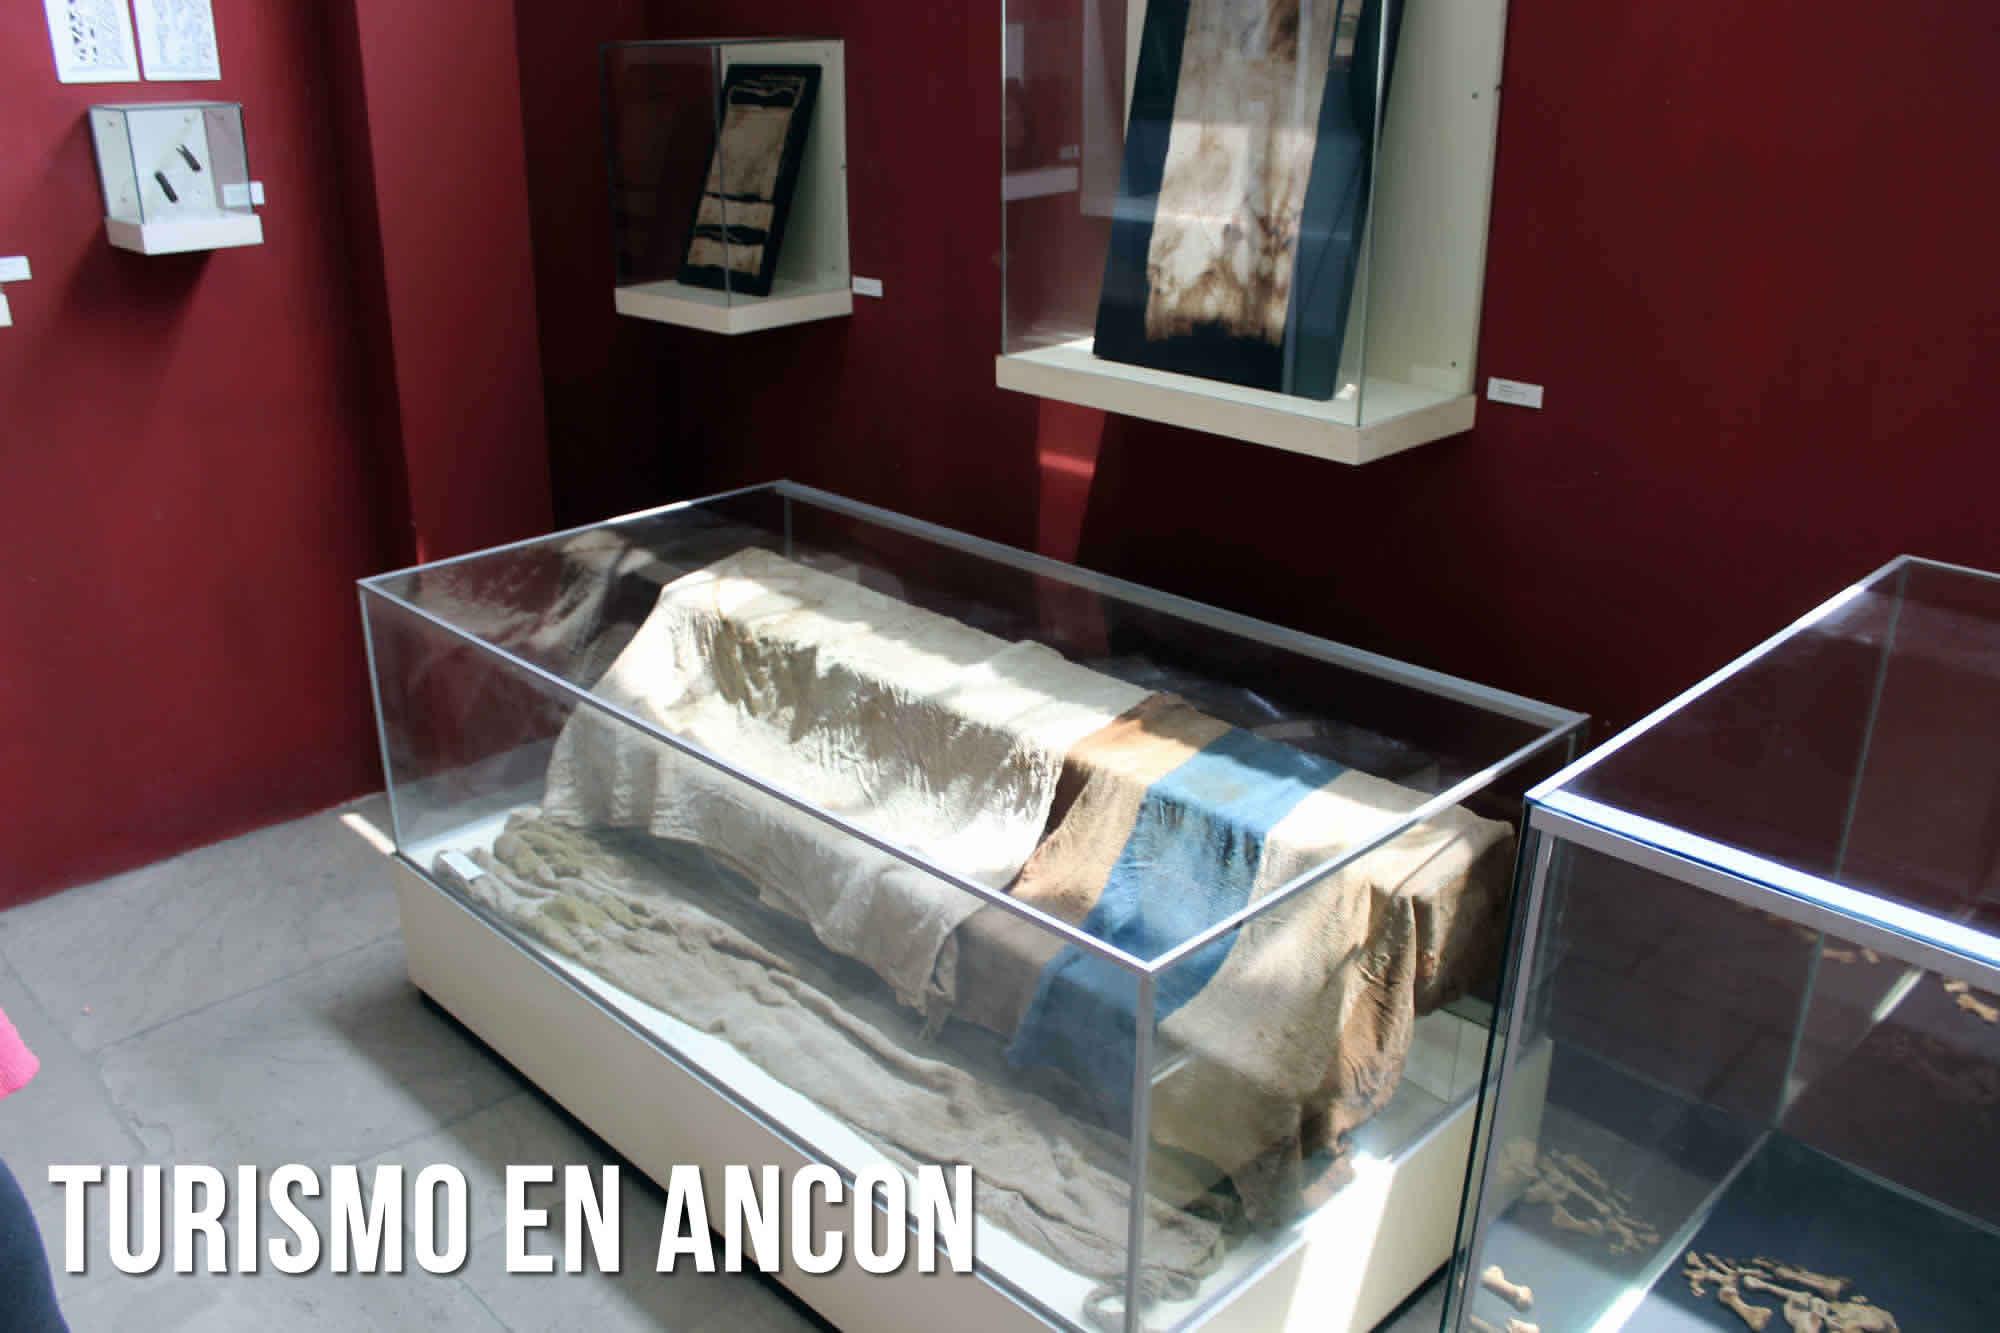 TURISMO EN ANCON | MUSEO DE SITIO DE ANCON